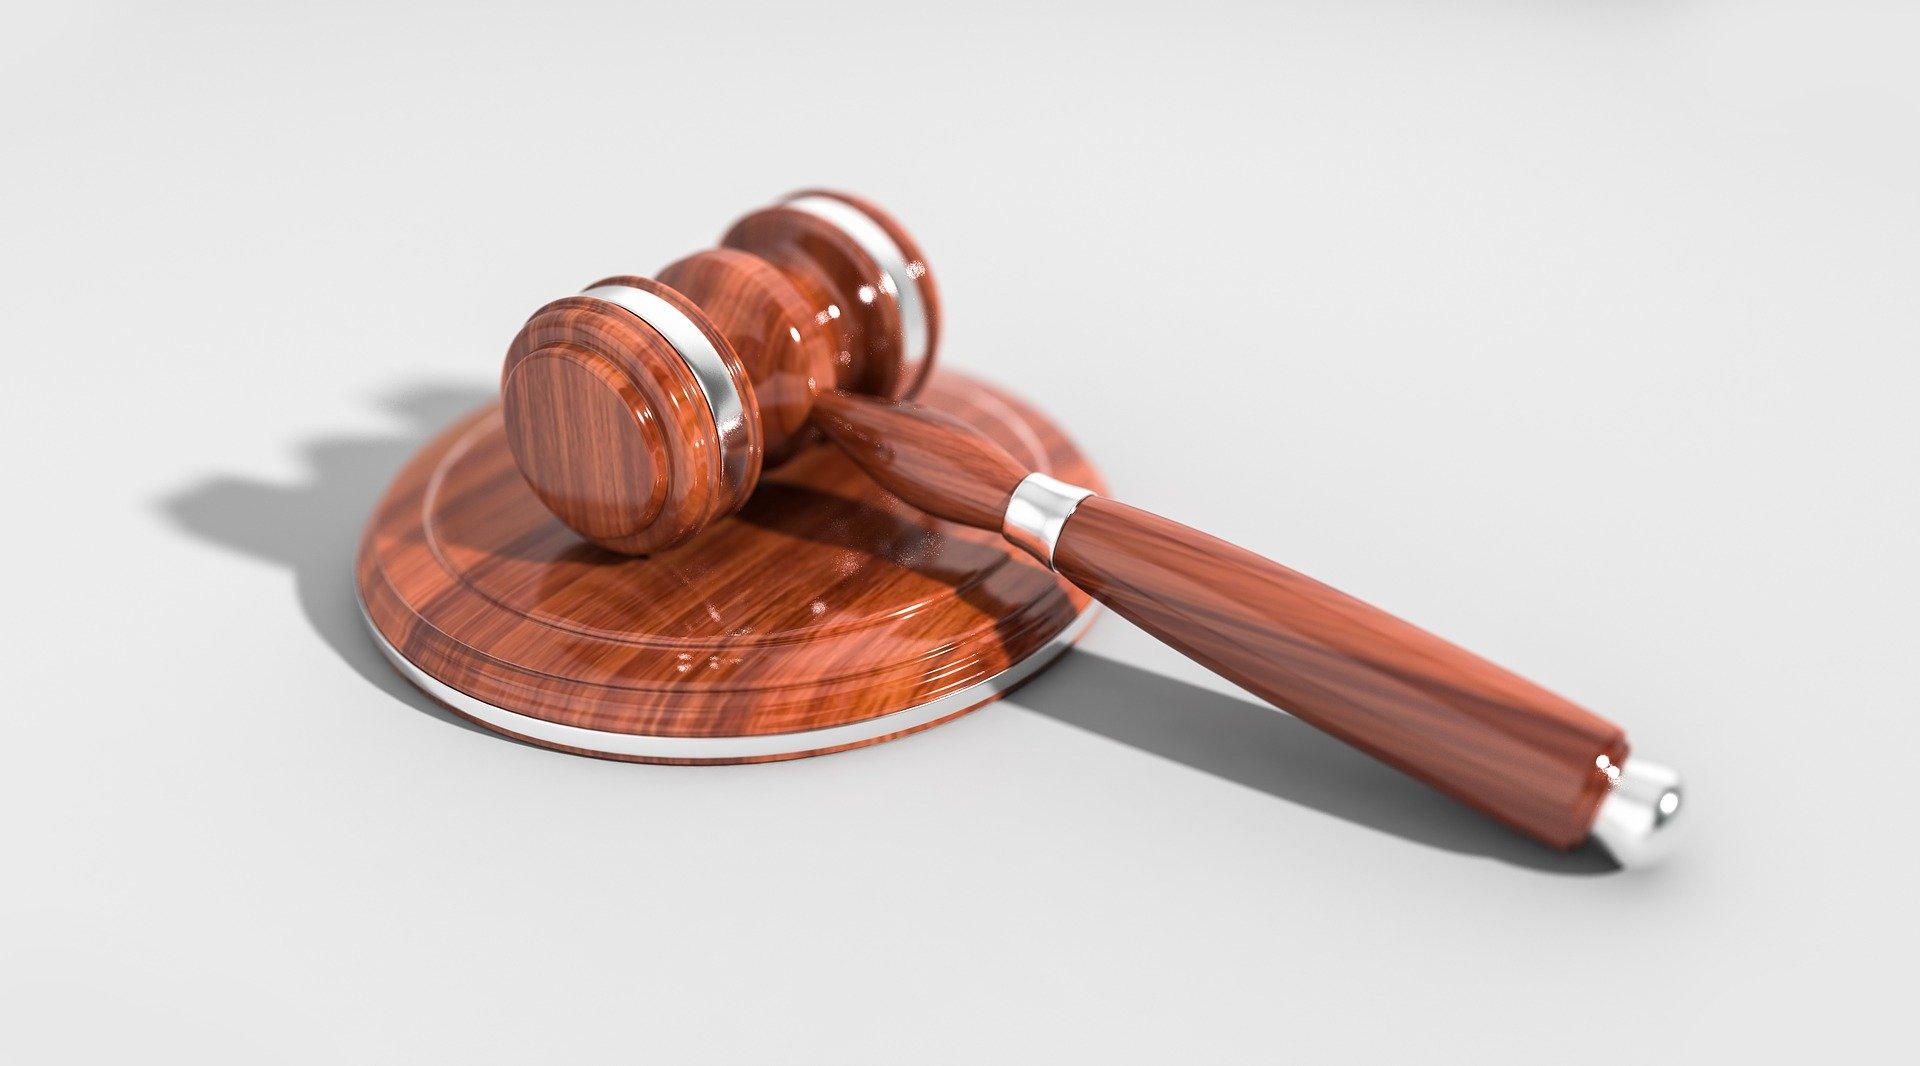 Recht: Abrechnungspflicht bei Verwalterwechsel in der WEG | Arek Socha auf Pixabay